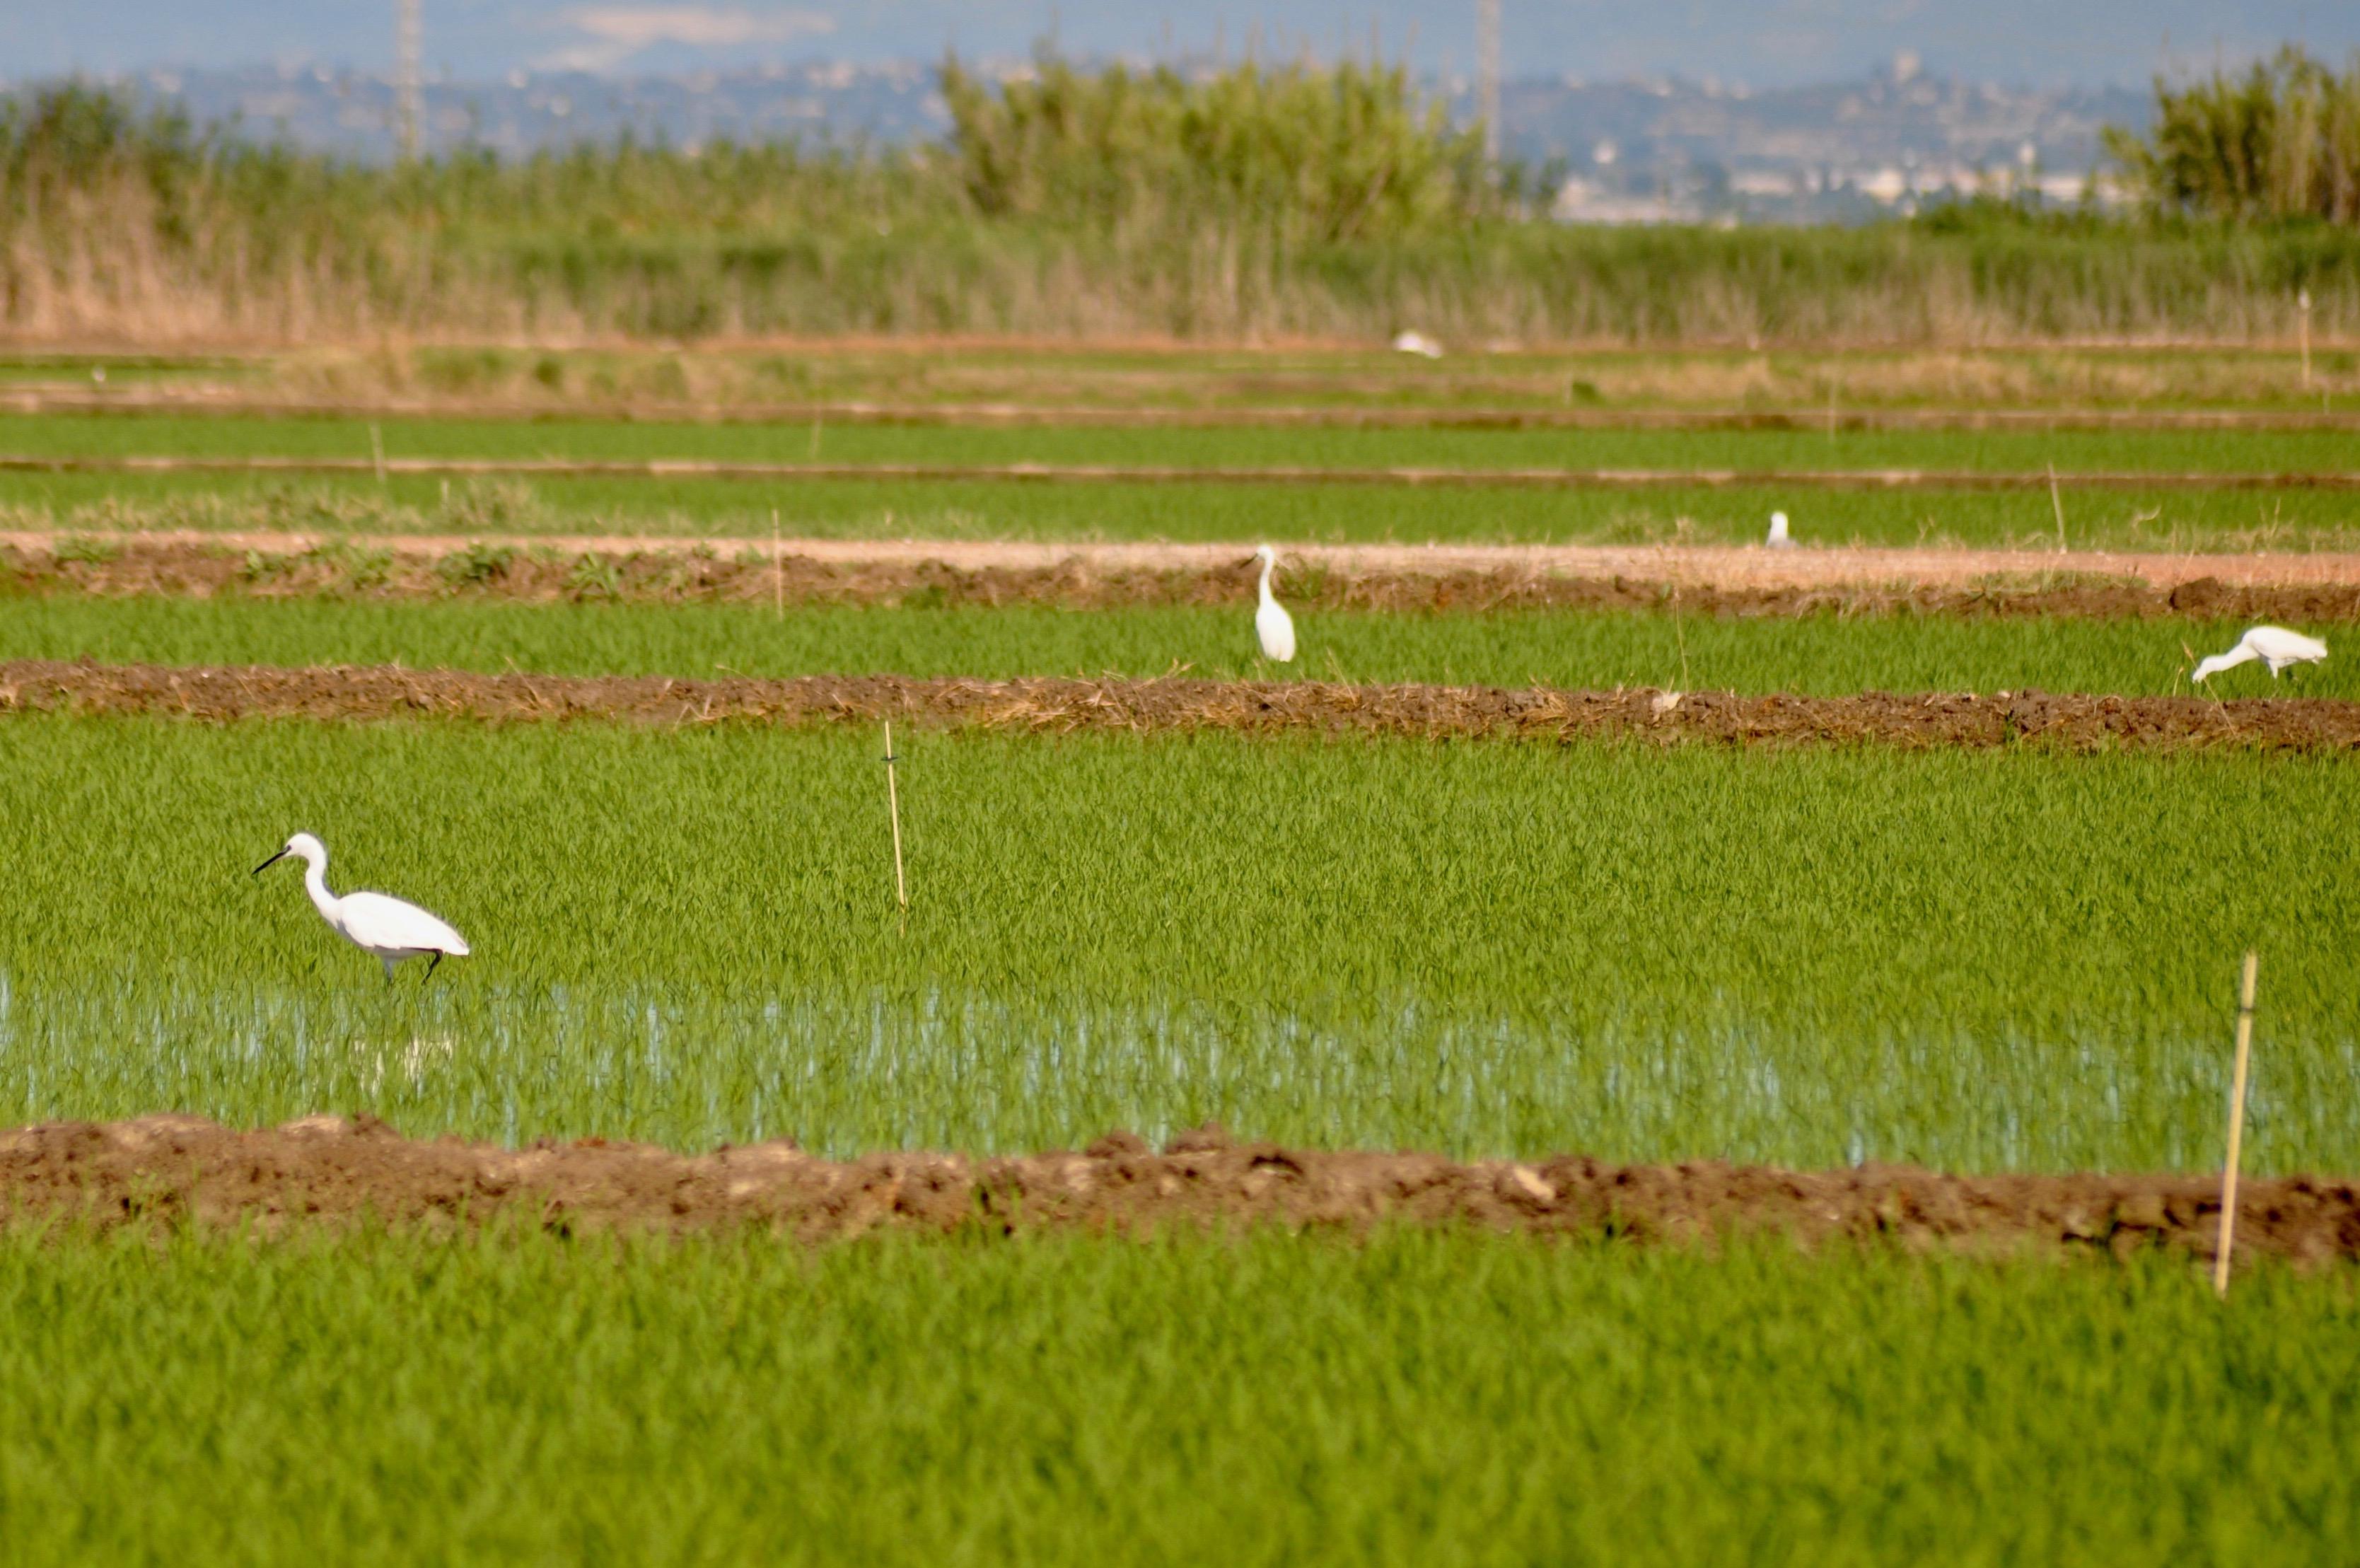 Los difusores de feromona sintética de la hembra del insecto ya están instalados en los arrozales valencianos. Imagen: GV